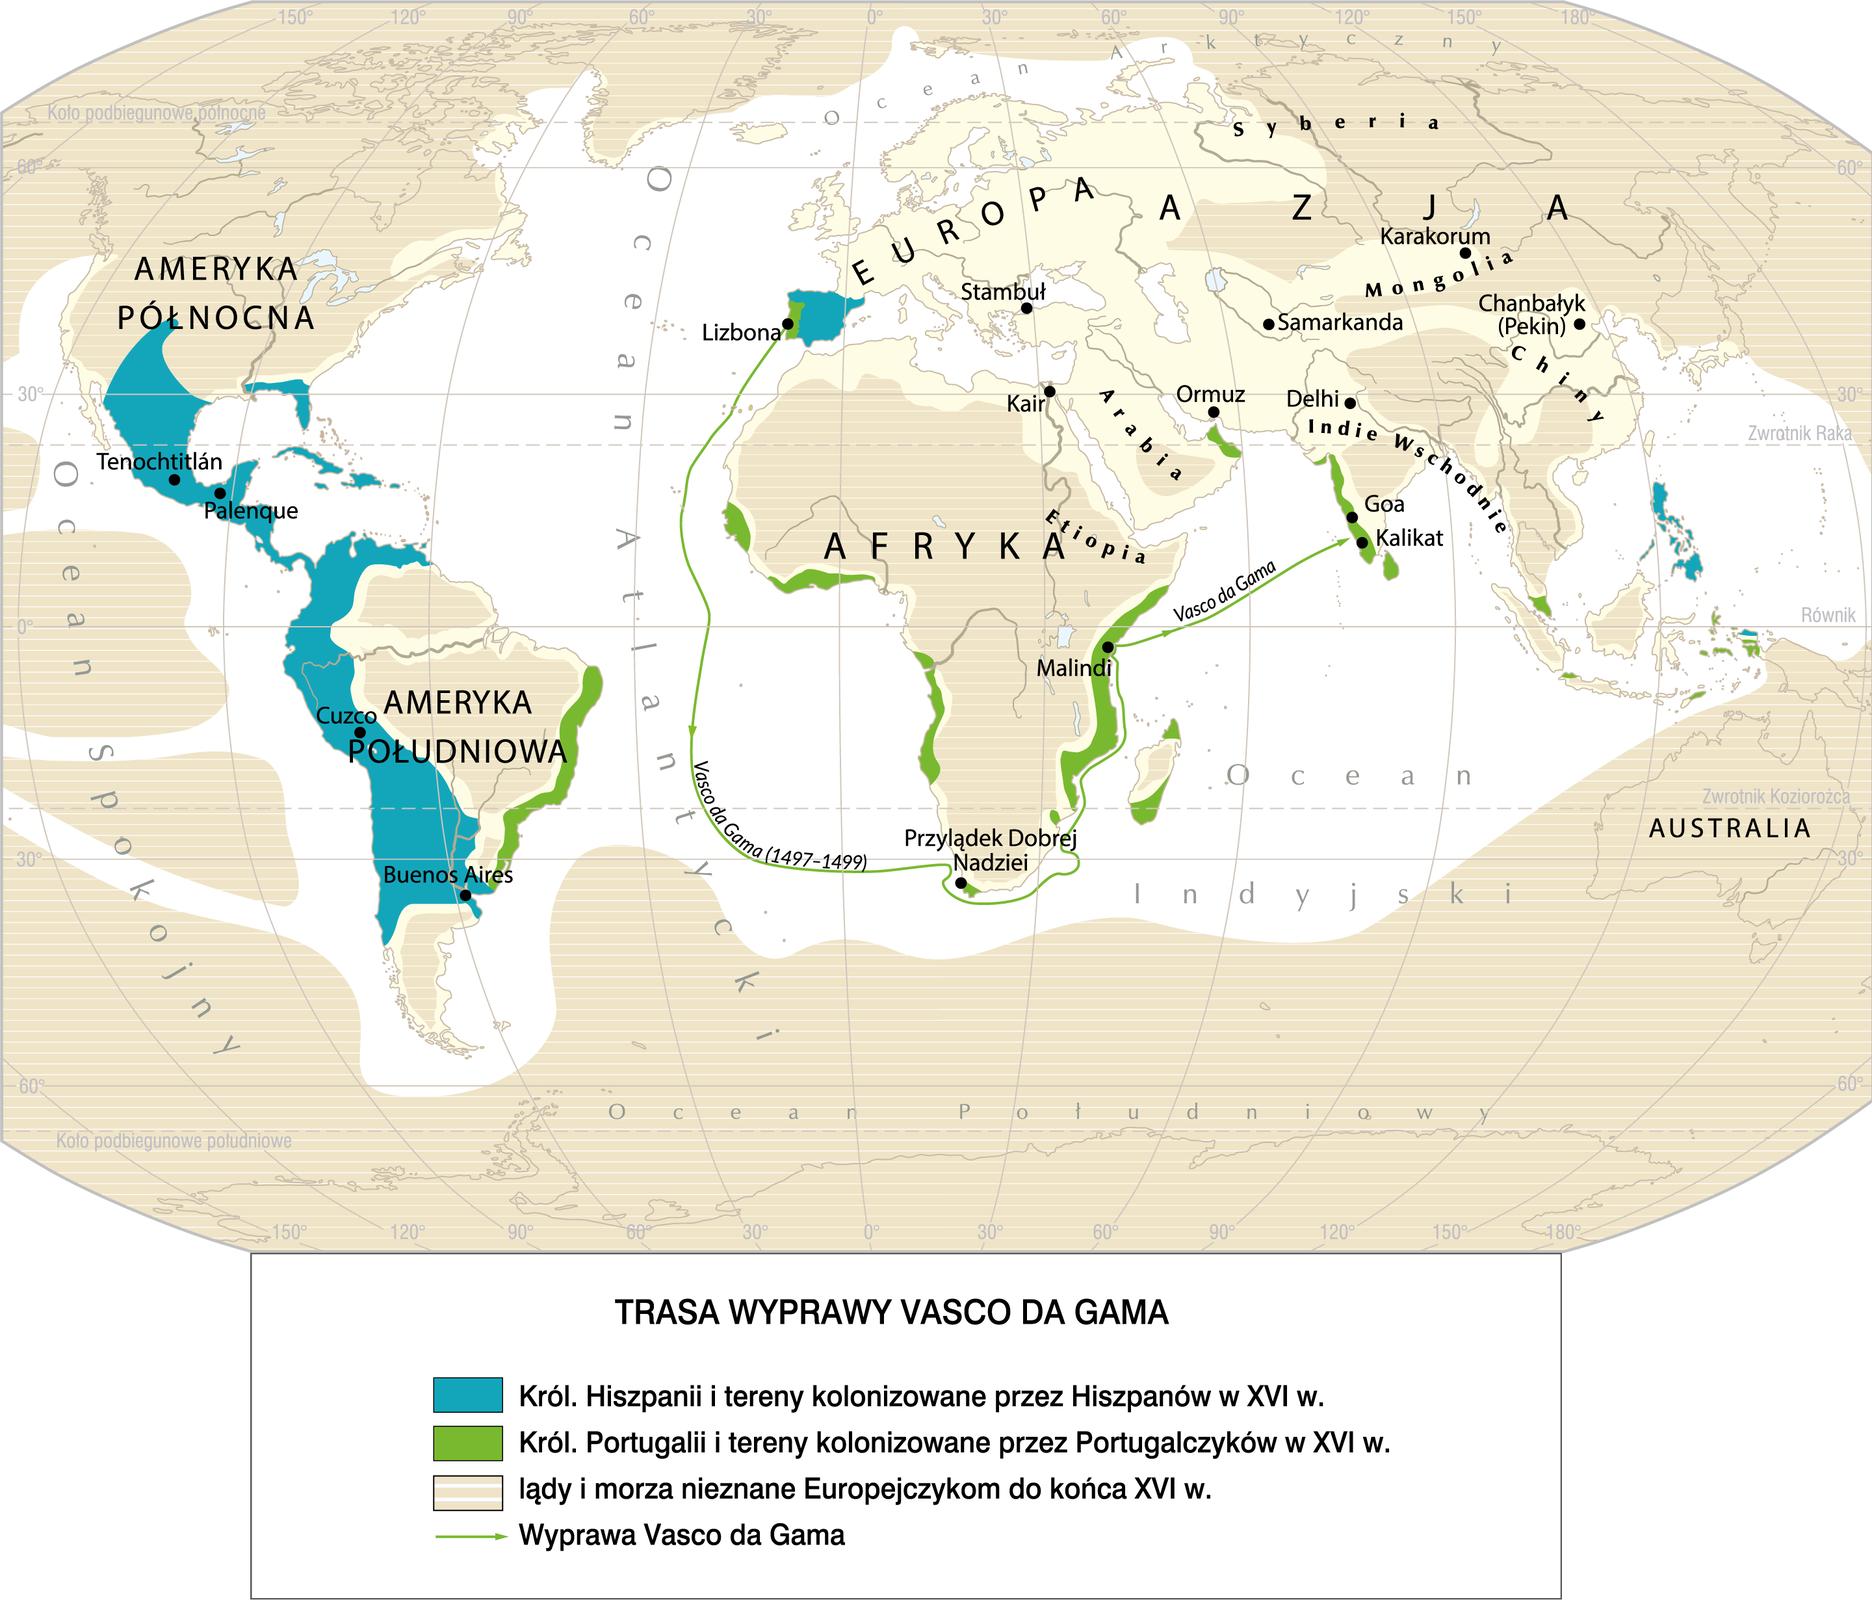 rysunek przedstawia mapę zzaznaczoną trasą wyprawyVasco da Gamy